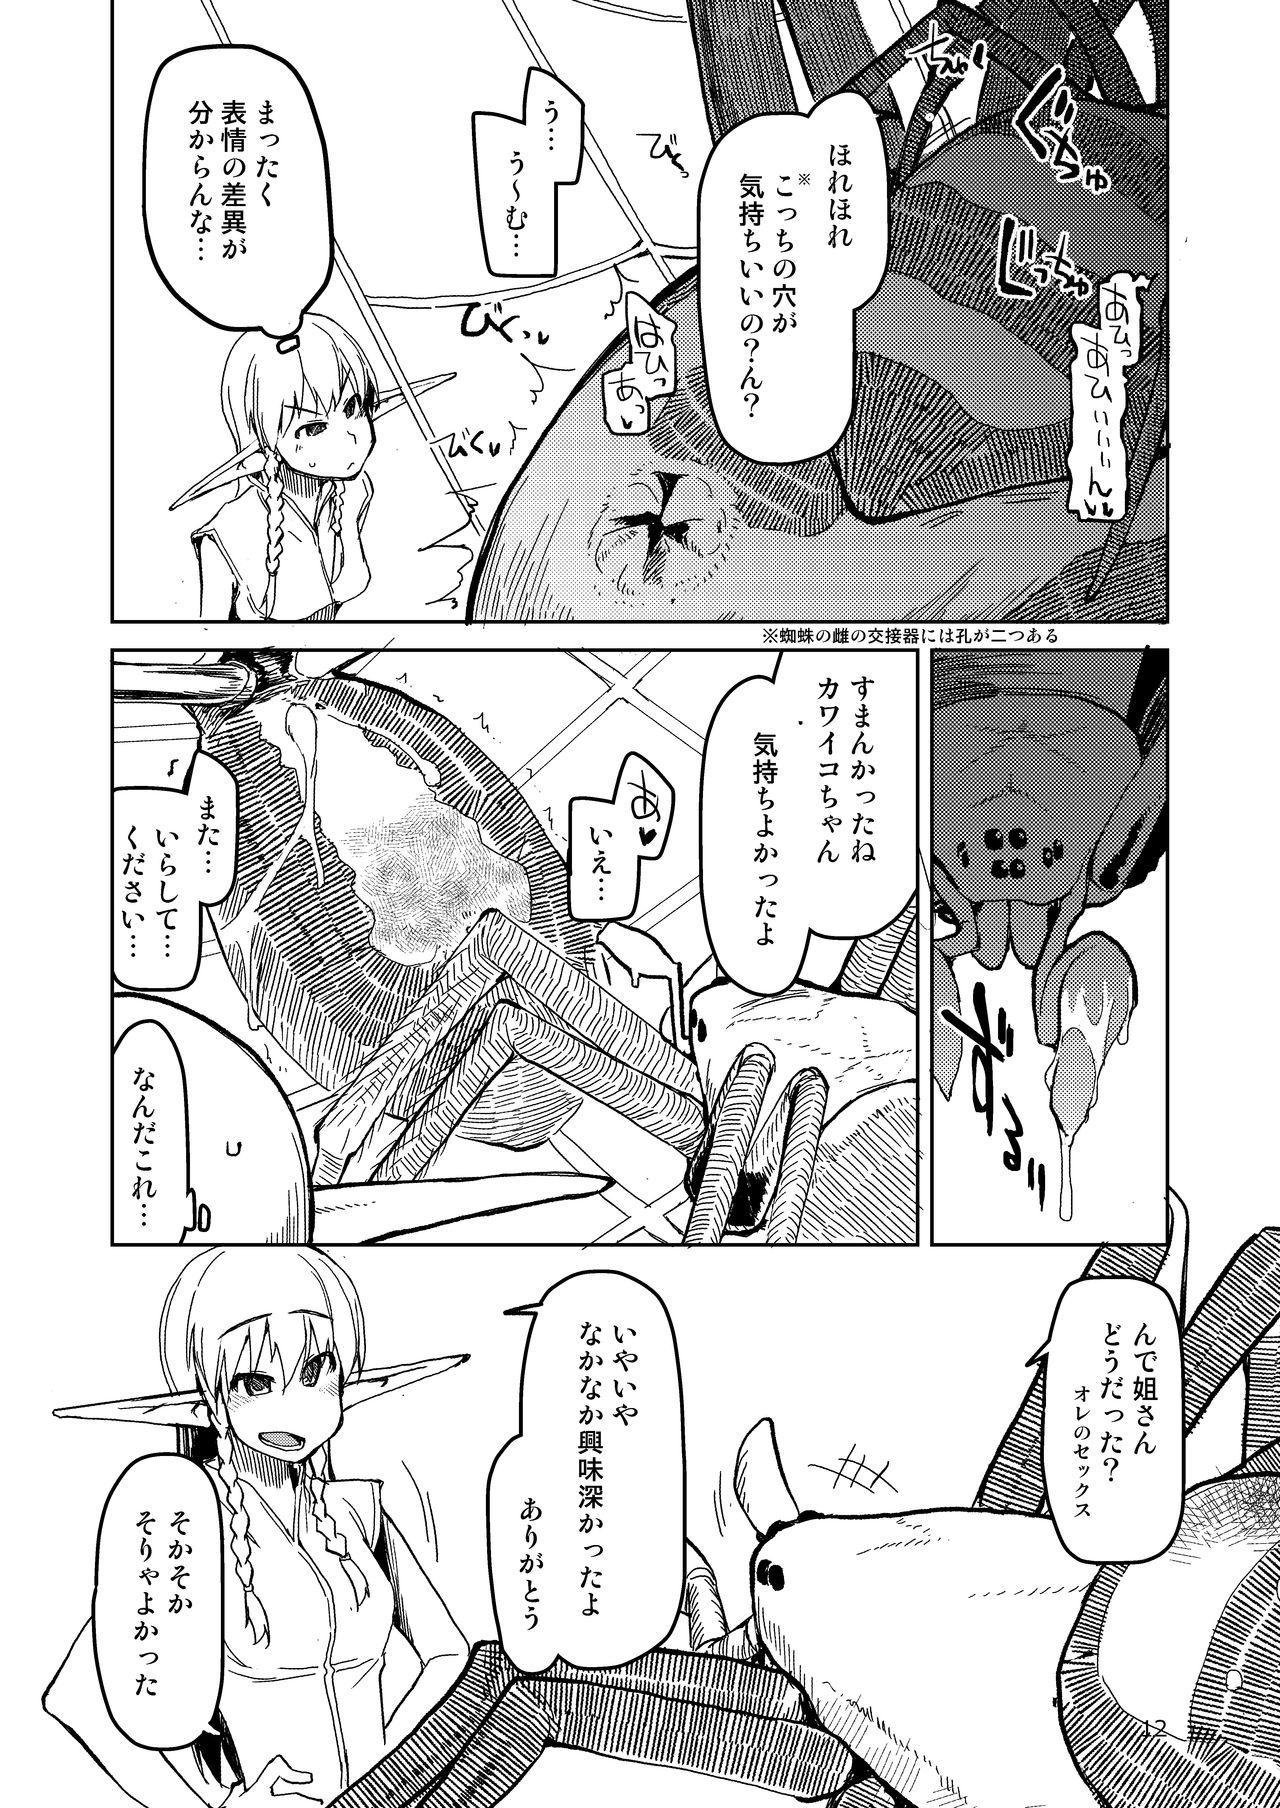 Dosukebe Elf no Ishukan Nikki Matome 2 12